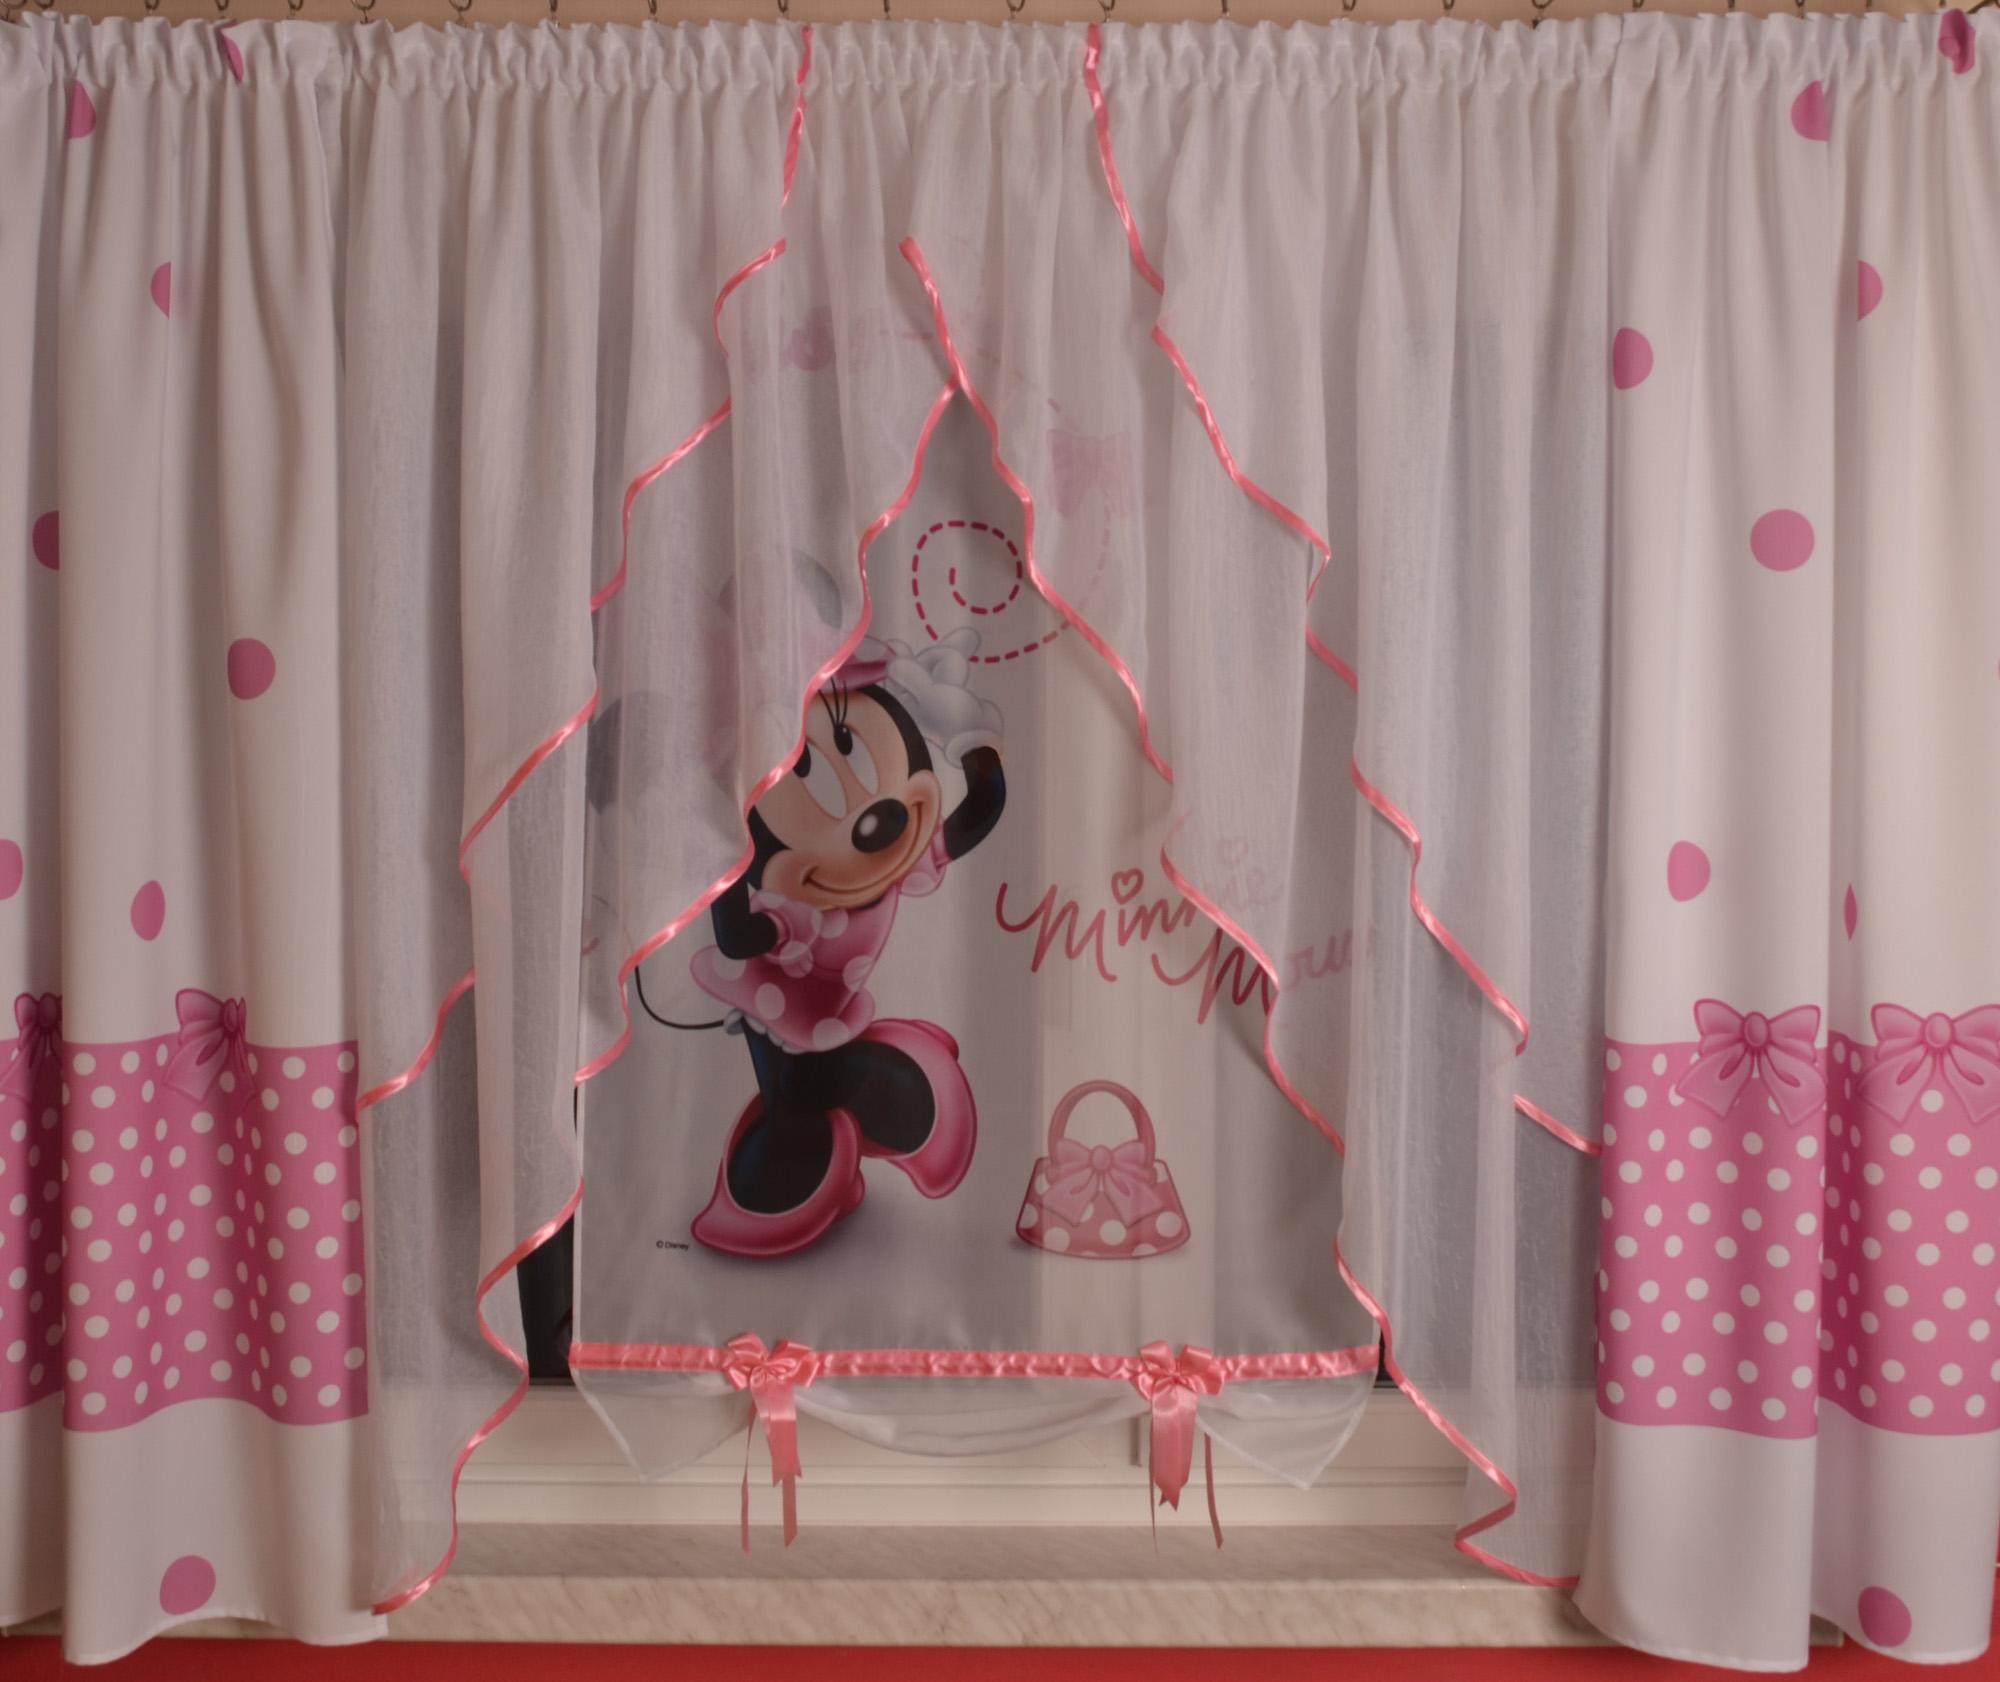 Full Size of Kinderzimmer Vorhang Disney Minnie Mouse Gardine Kindergardine Baby Regal Weiß Bad Sofa Regale Küche Wohnzimmer Kinderzimmer Kinderzimmer Vorhang